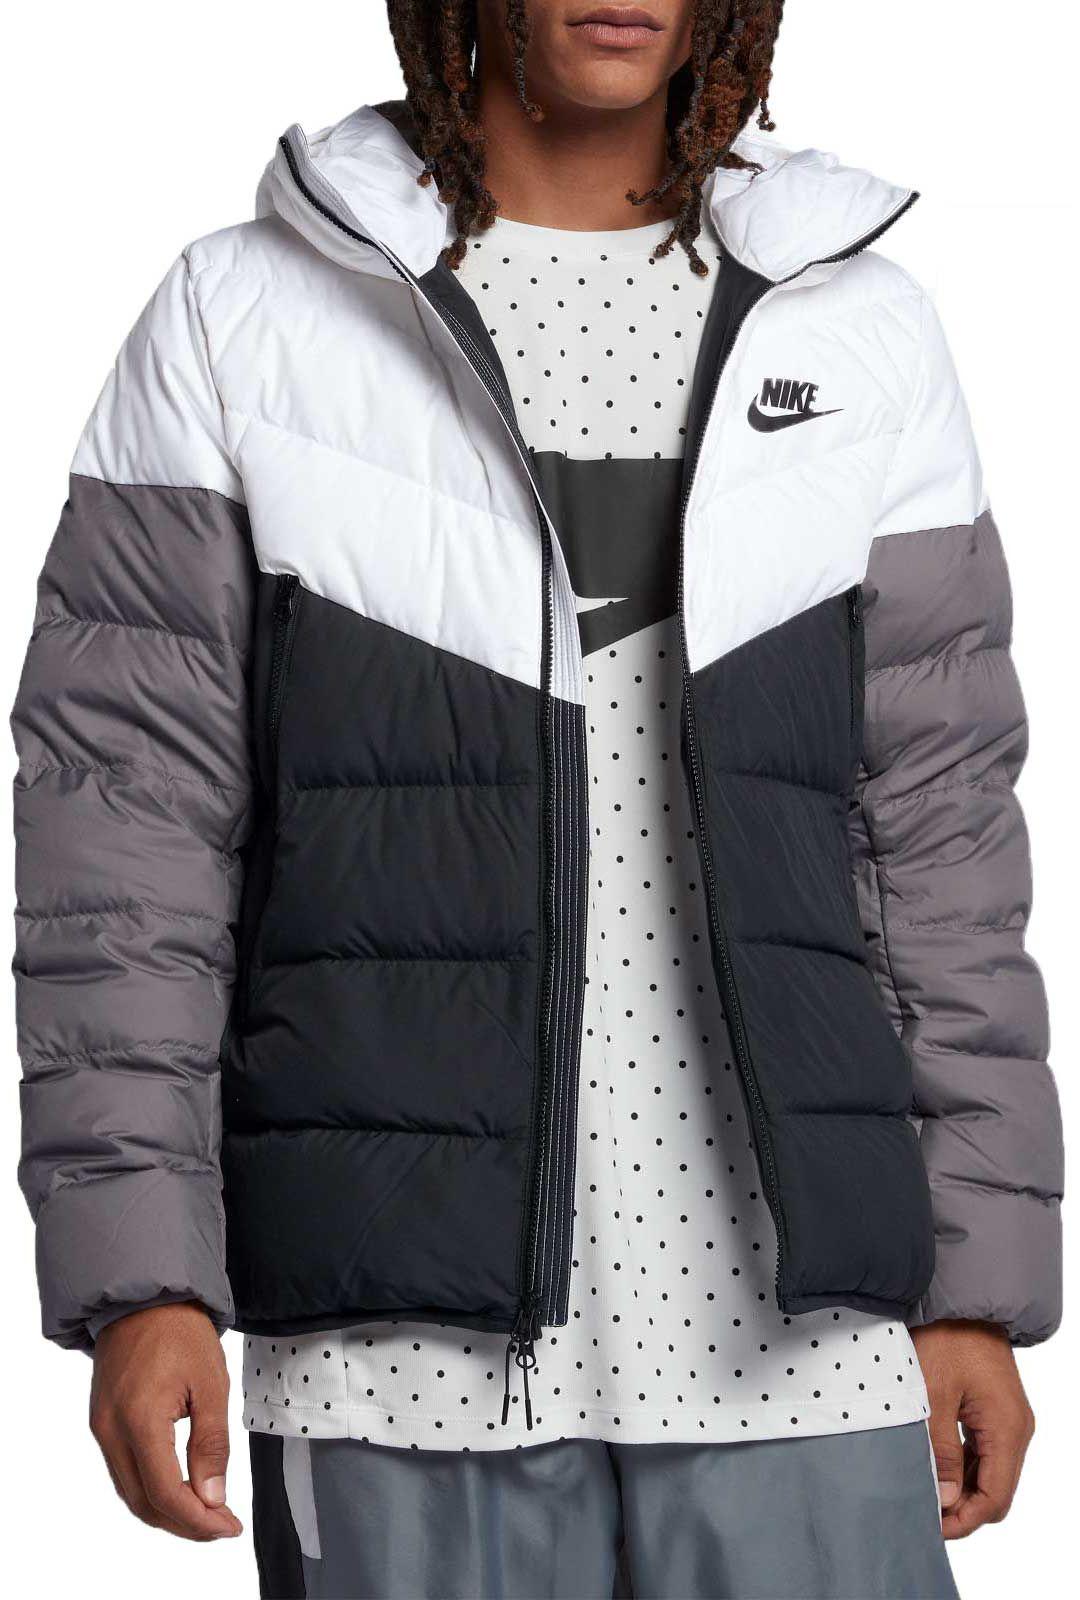 a84252bd501 Nike Men's Sportswear Windrunner Down Jacket | DICK'S Sporting Goods